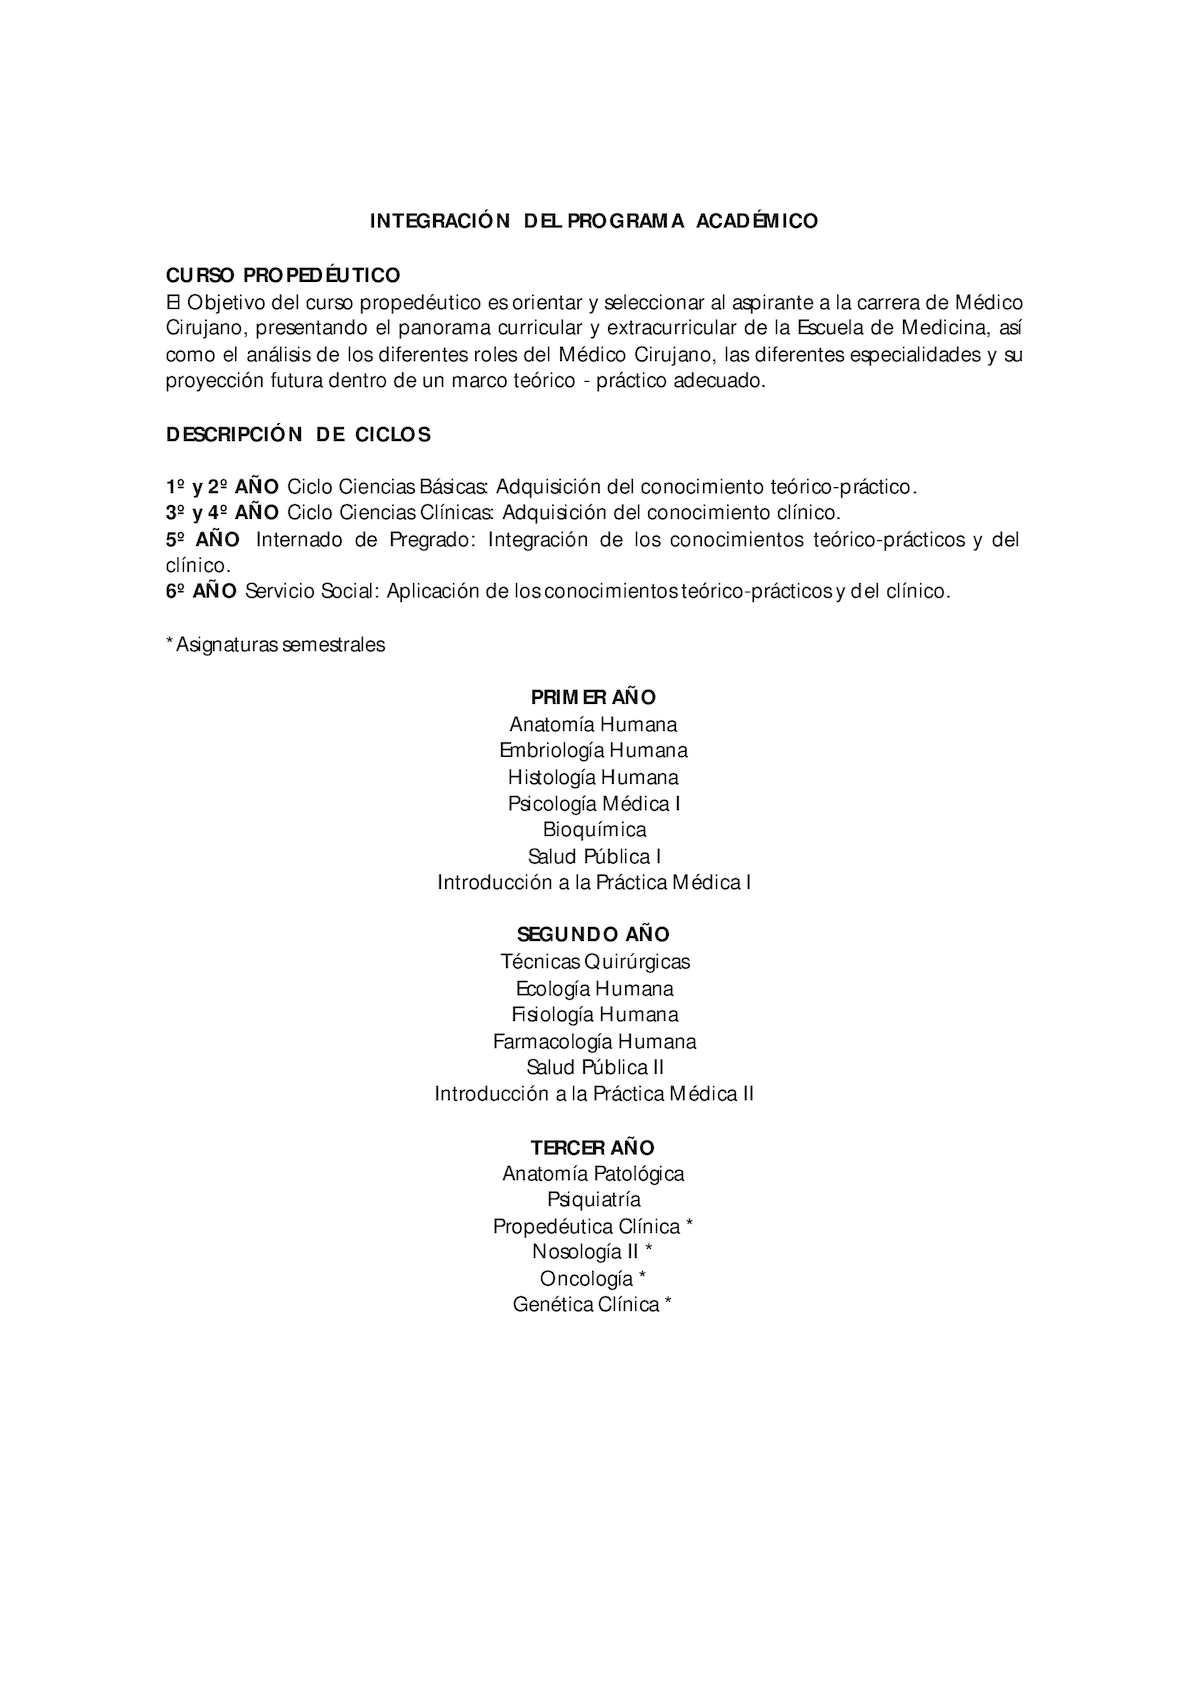 Excelente Preguntas De Práctica Clínica Anatomía Modelo - Anatomía ...